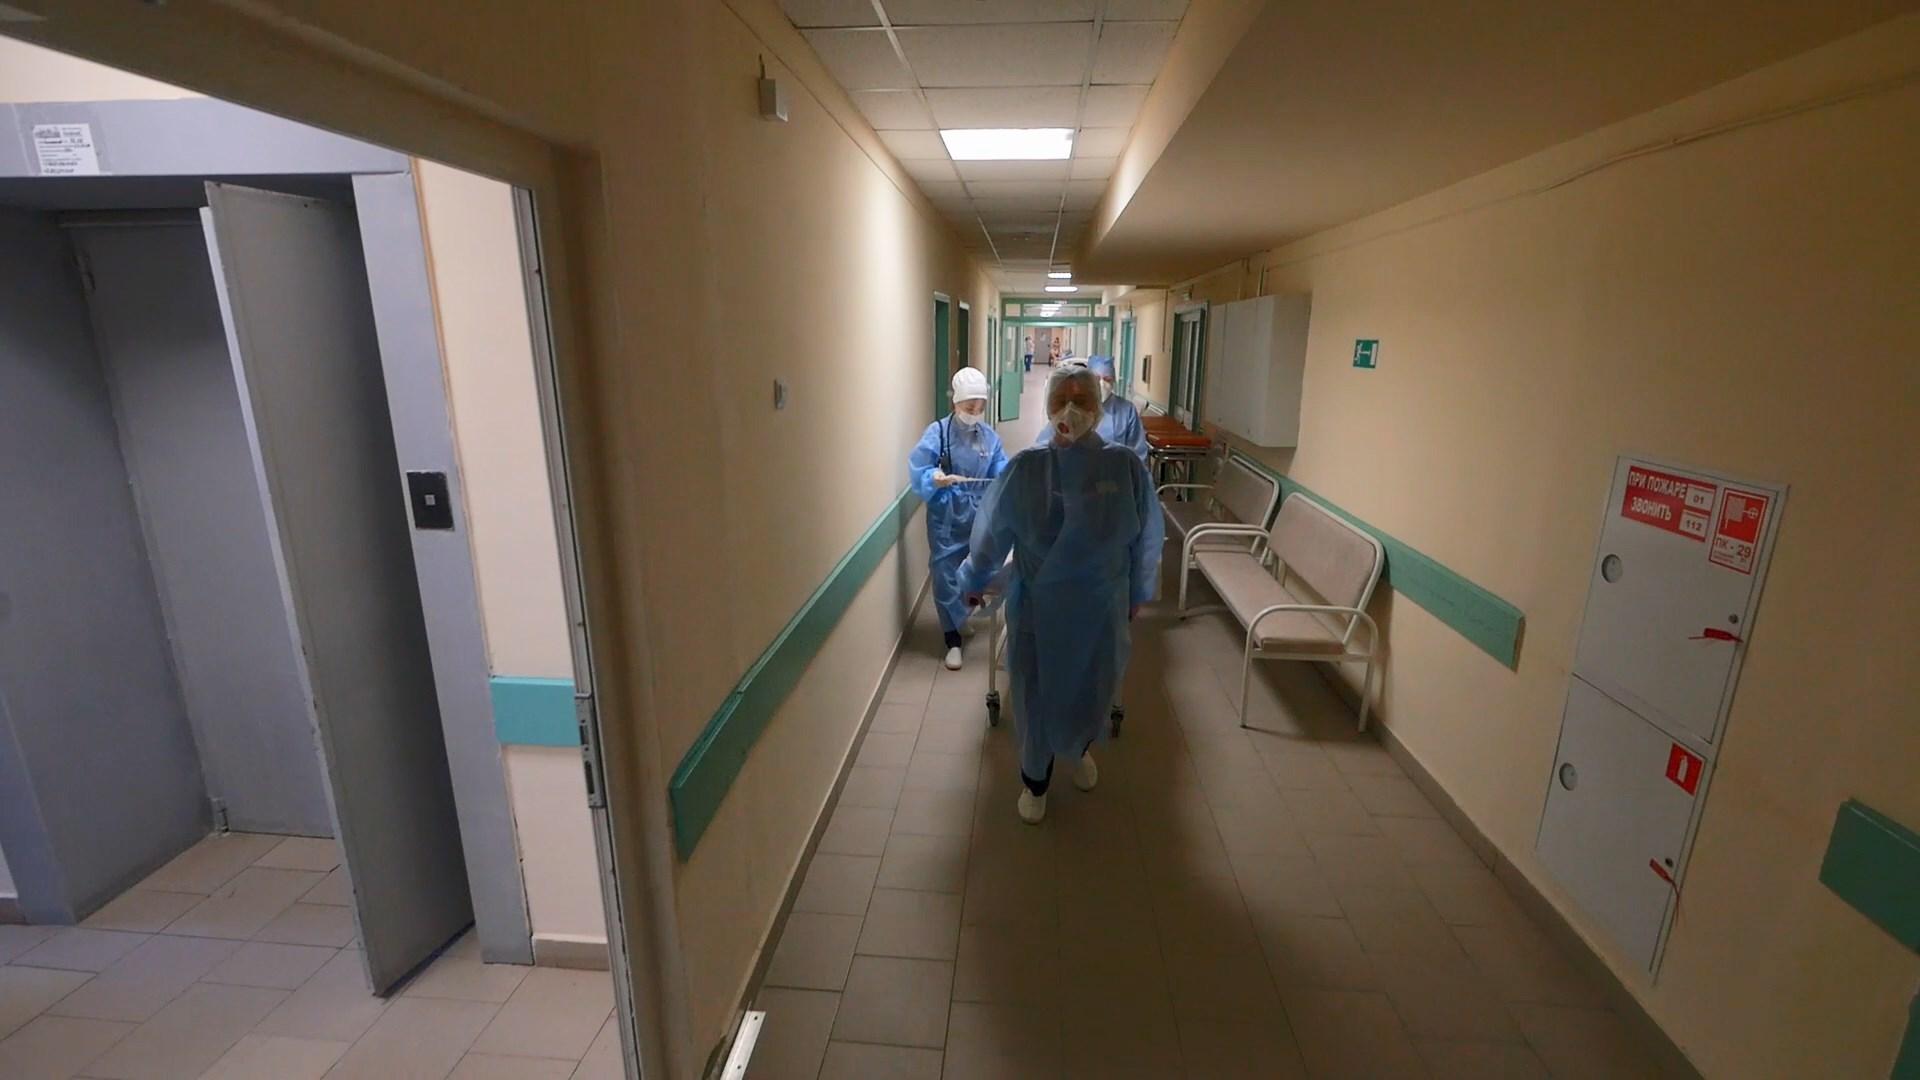 Поликлинику при больнице № 20 в Ростове закрыли на капремонт